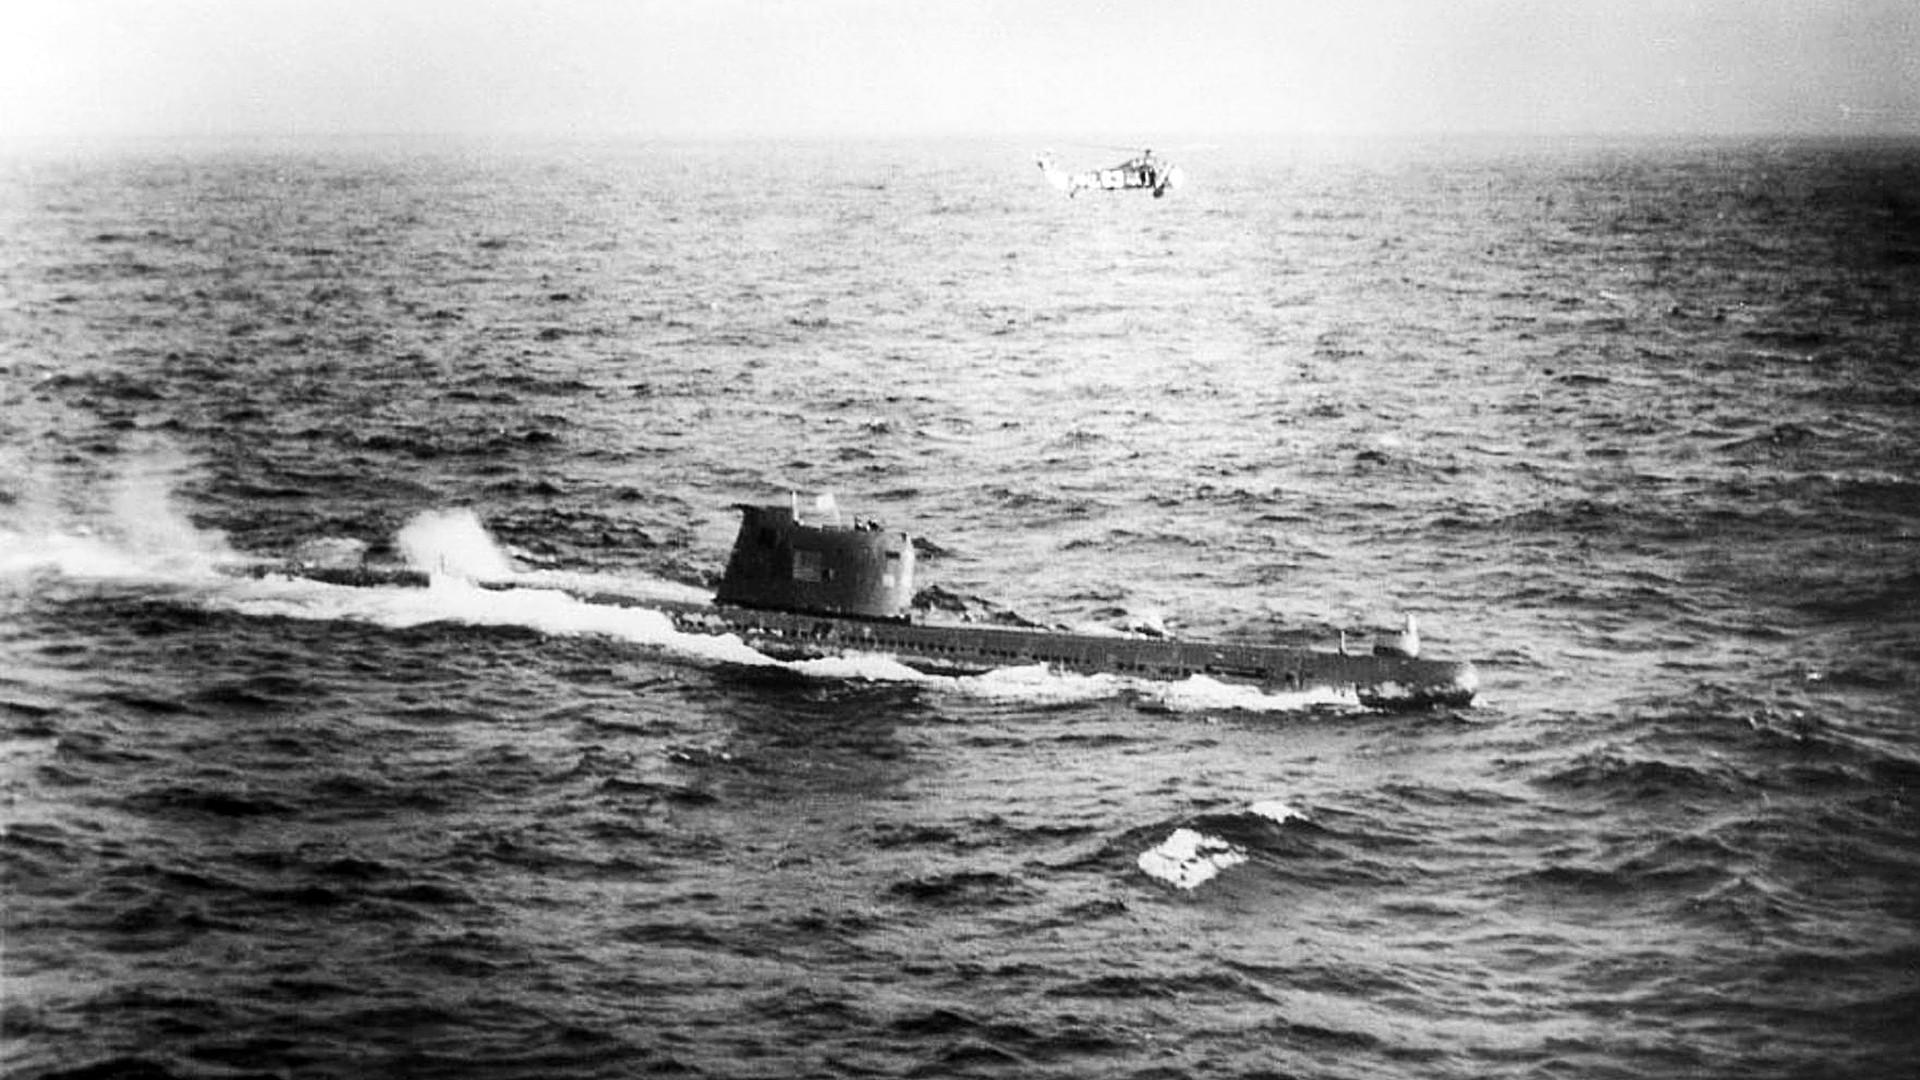 Submarino soviético B-59 en el mar Caribe cerca de Cuba.